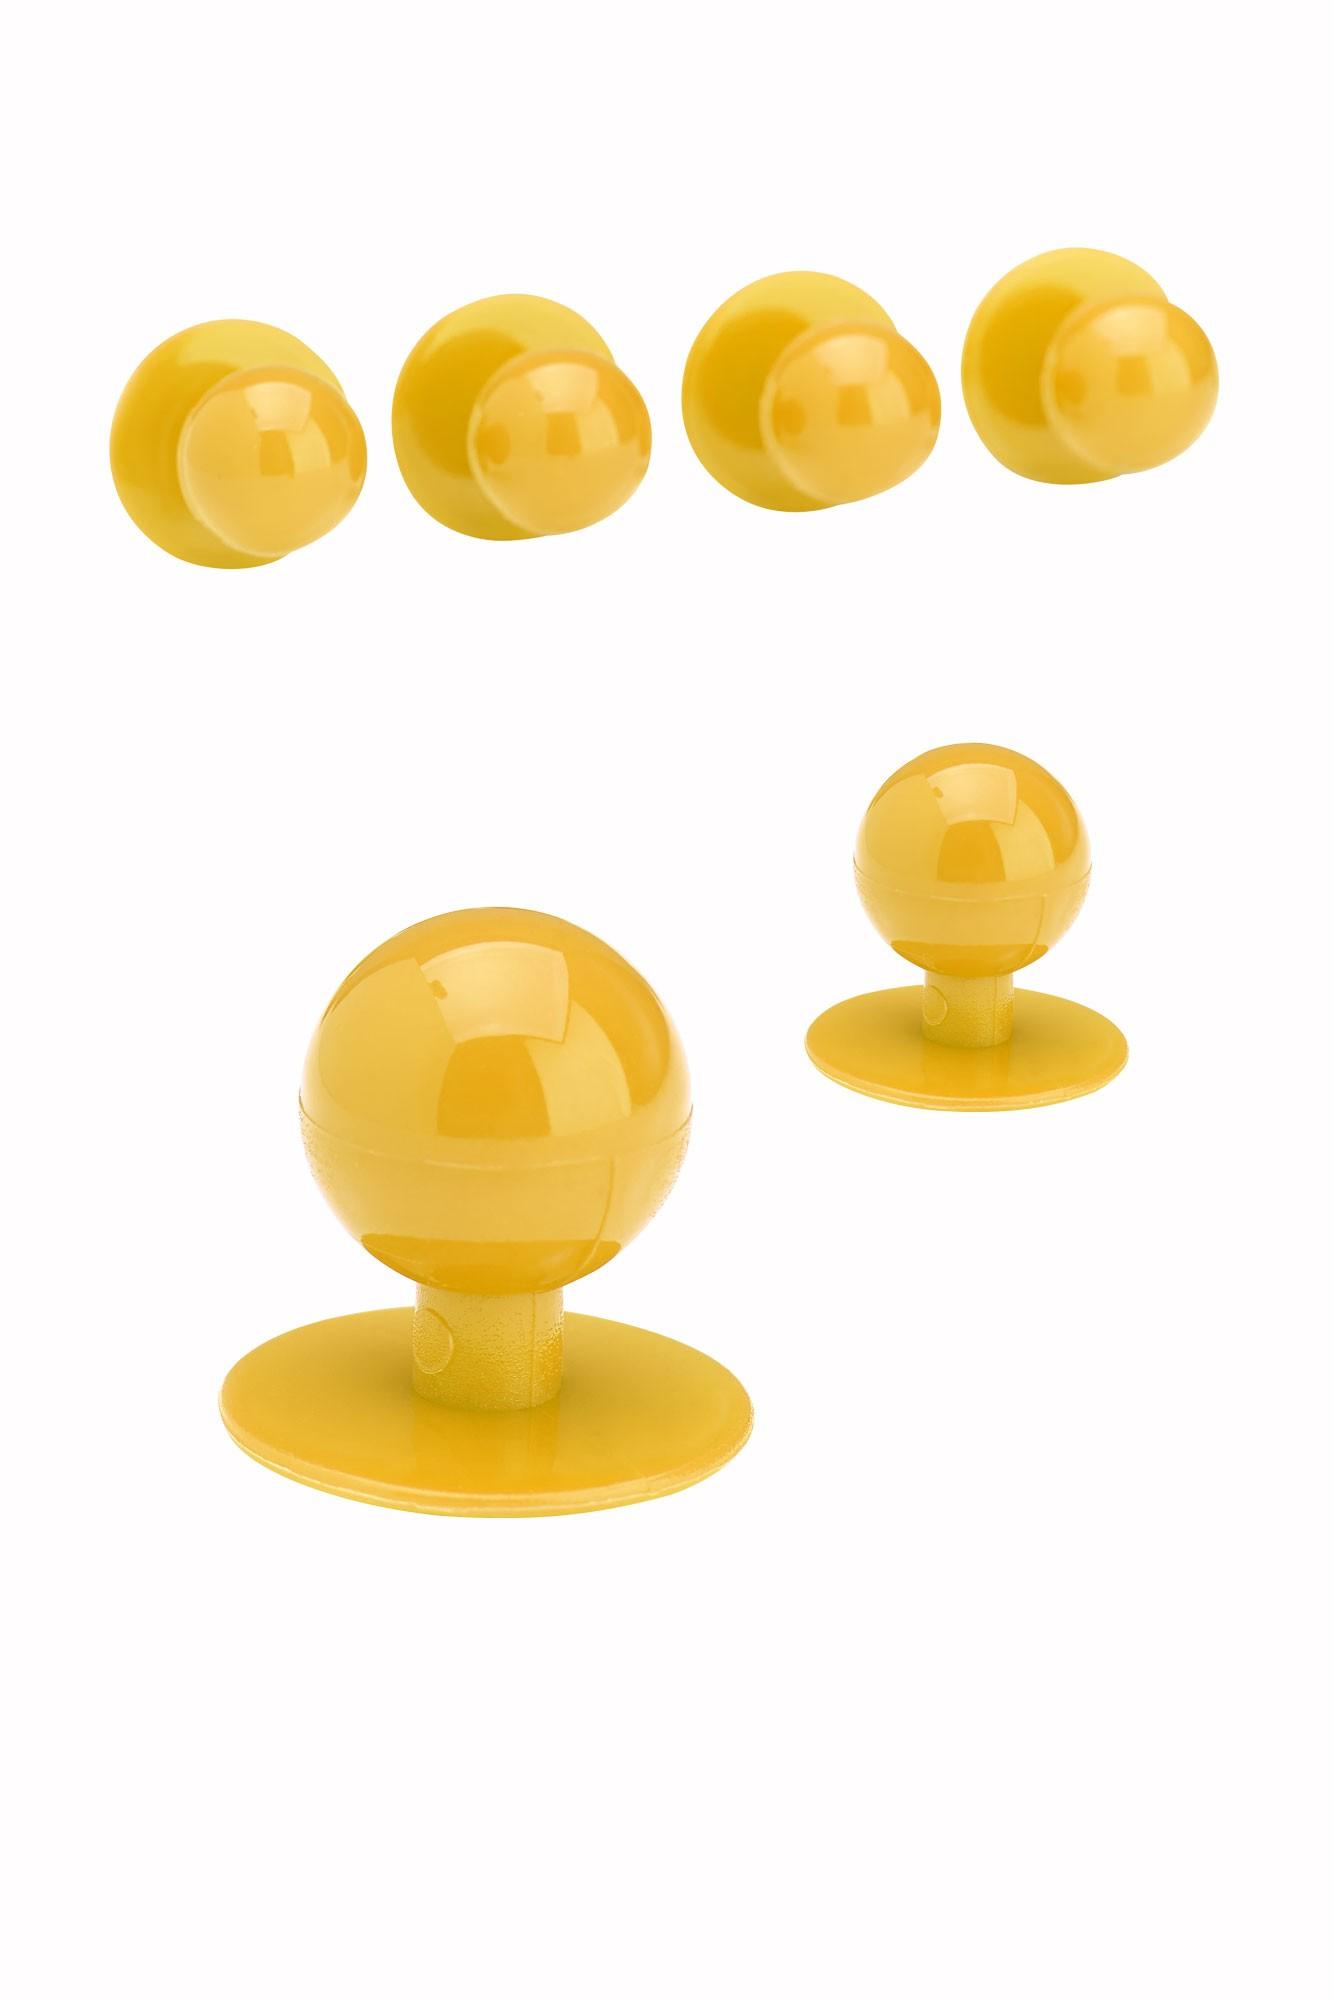 Knoflíky ke kuchařským rondonům - žlutá